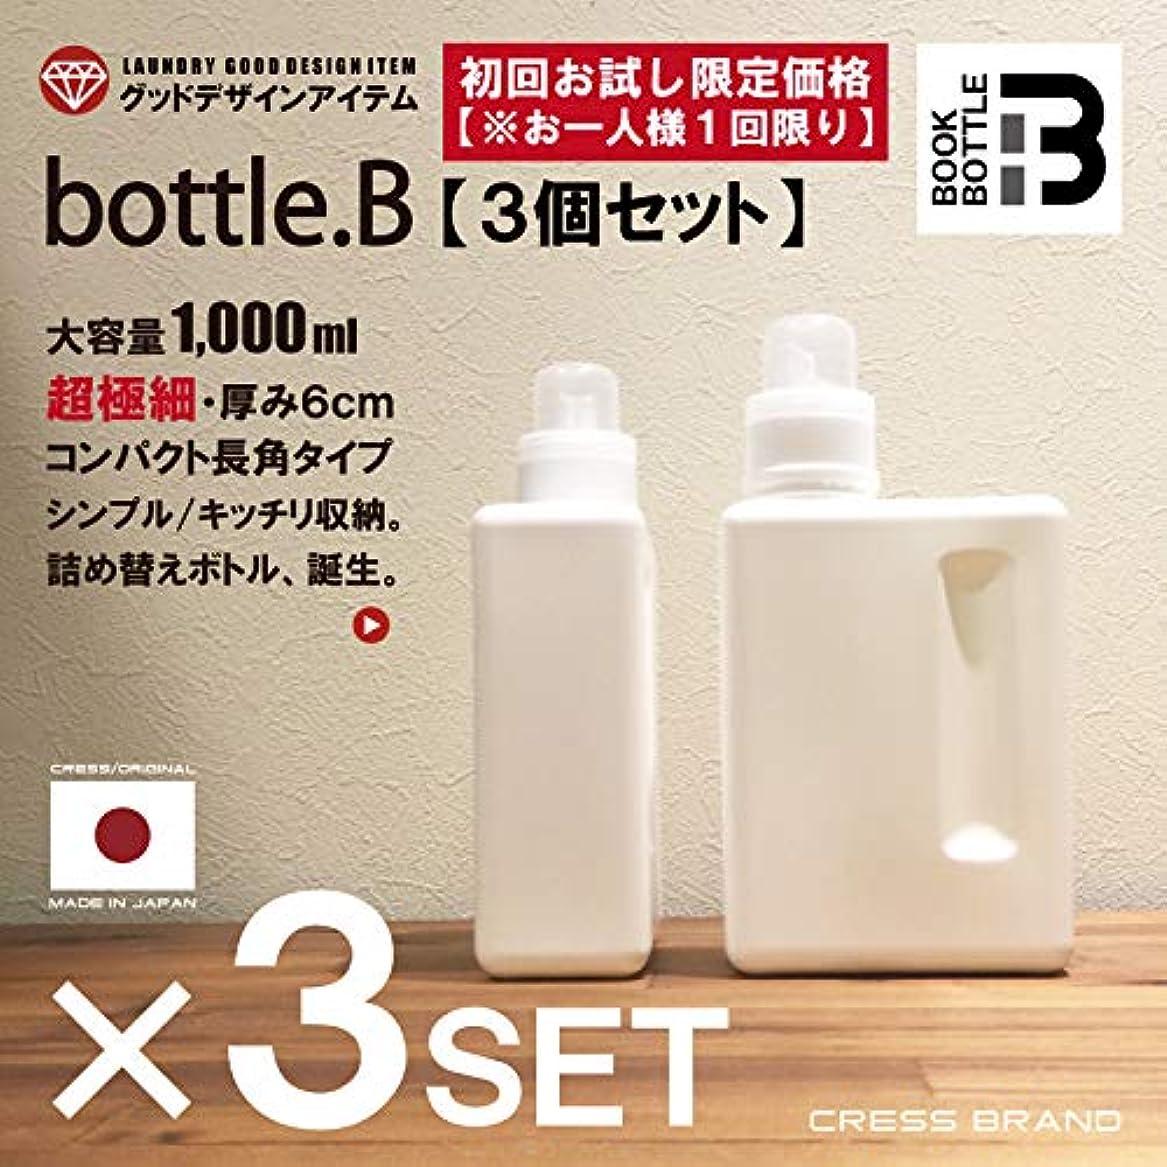 ピンポイントバッグモバイル<3個セット>bottle.B-3set【初回お試し限定価格?お一人さ様1回限り】[クレス?オリジナルボトル]1000ml BOOK-BOTTLE